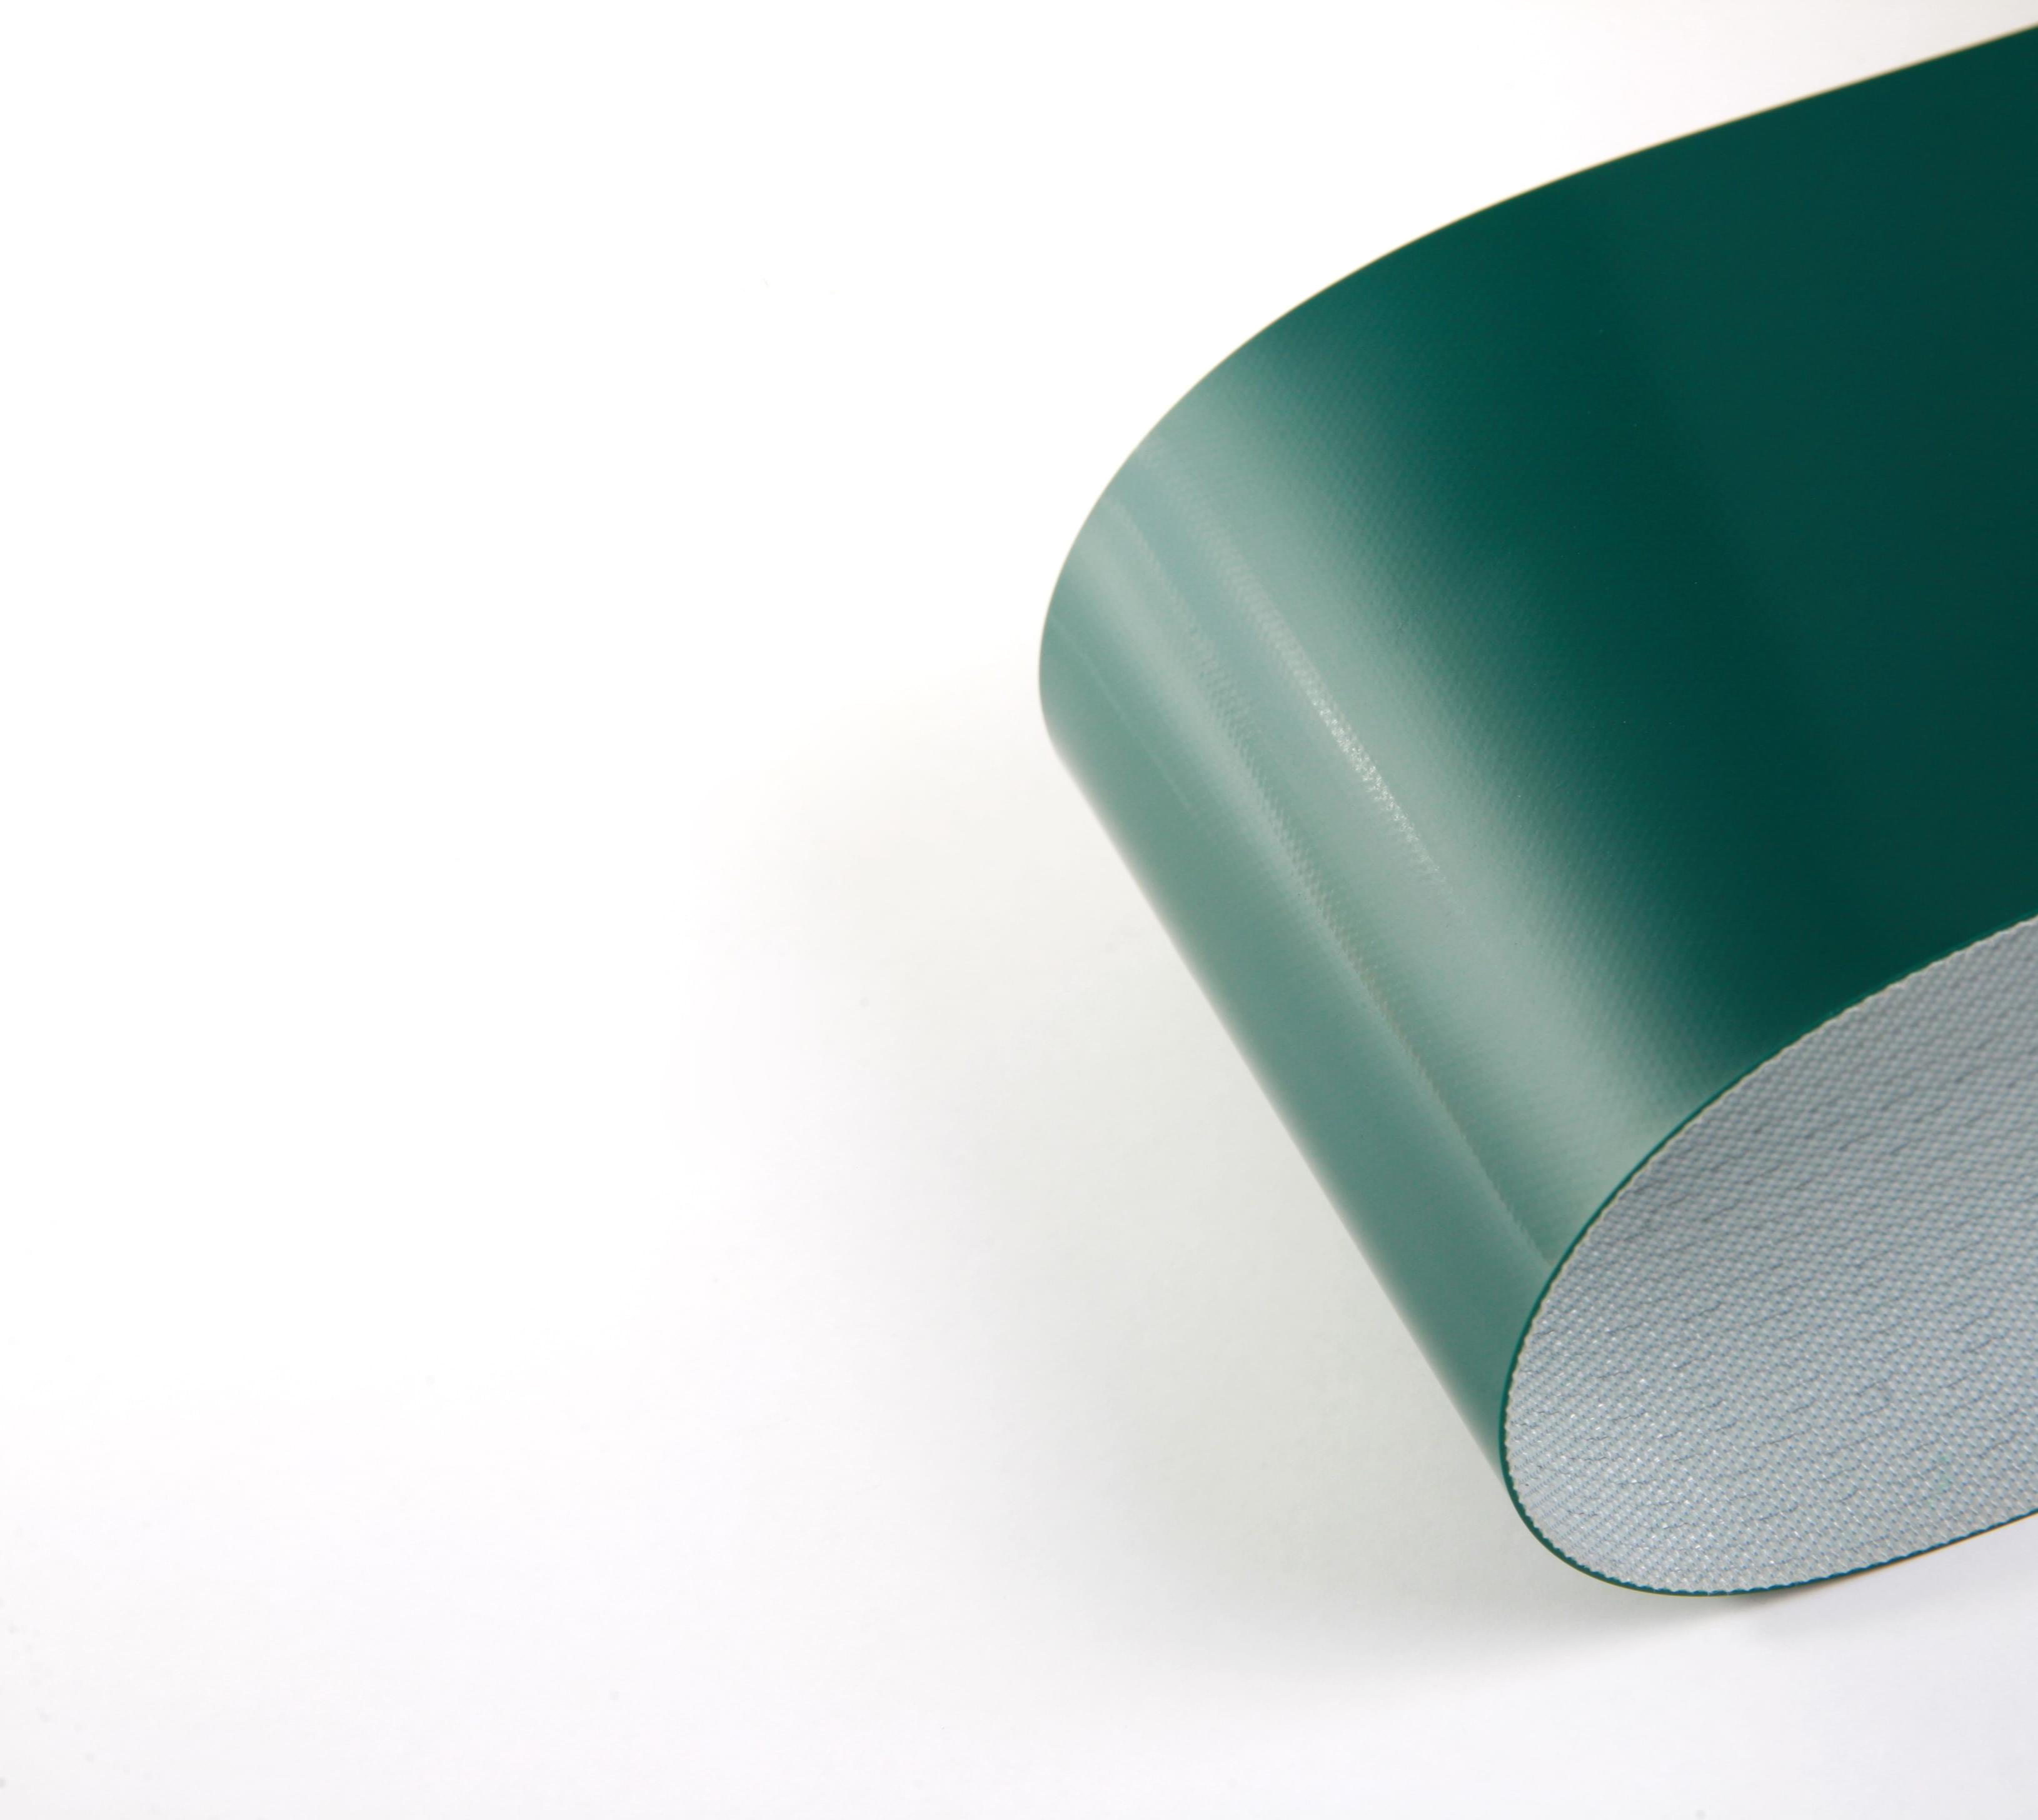 correia de uma lona em PVC verde